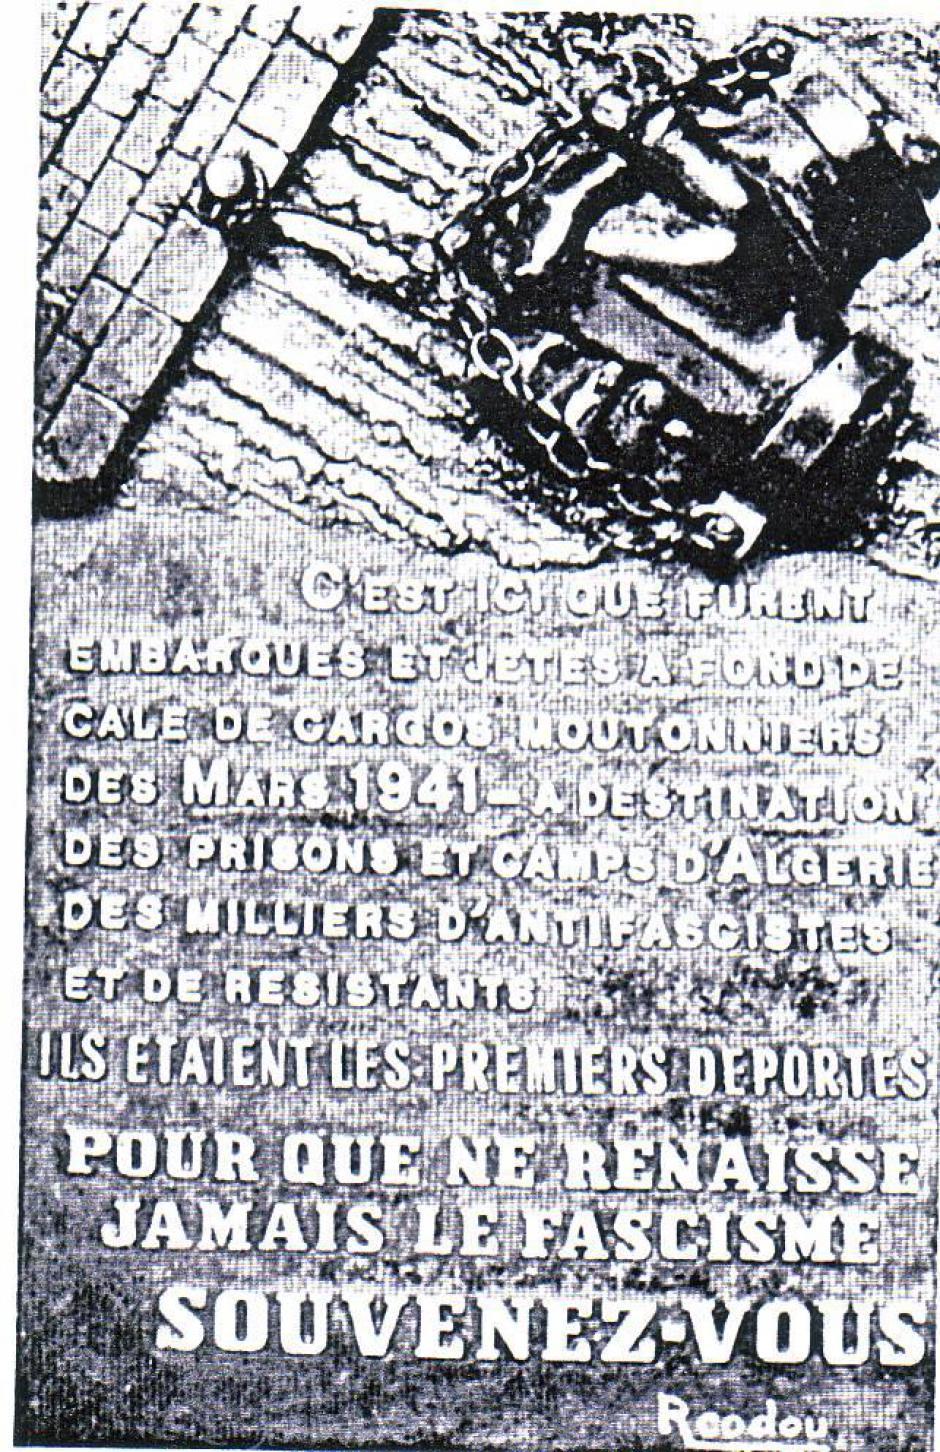 Il y a 80 ans, seize militants des Pyrénées-Orientales étaient «déportés» en Algérie